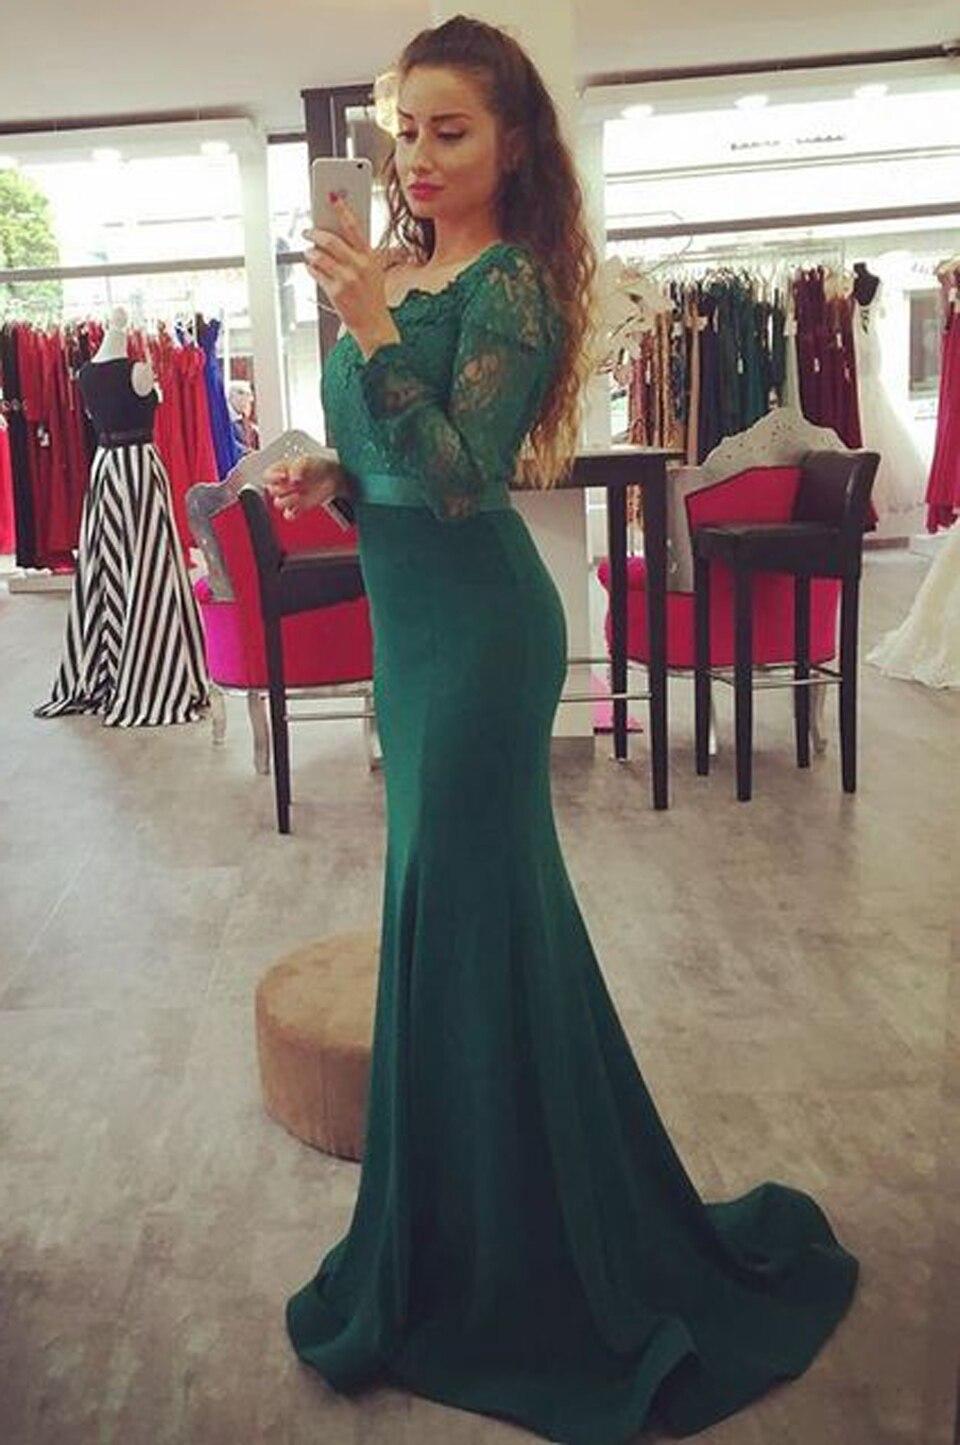 quality design b5a70 83163 Pizzo Manica Lunga Scollo A V Verde Smeraldo Lungo Sirena ...